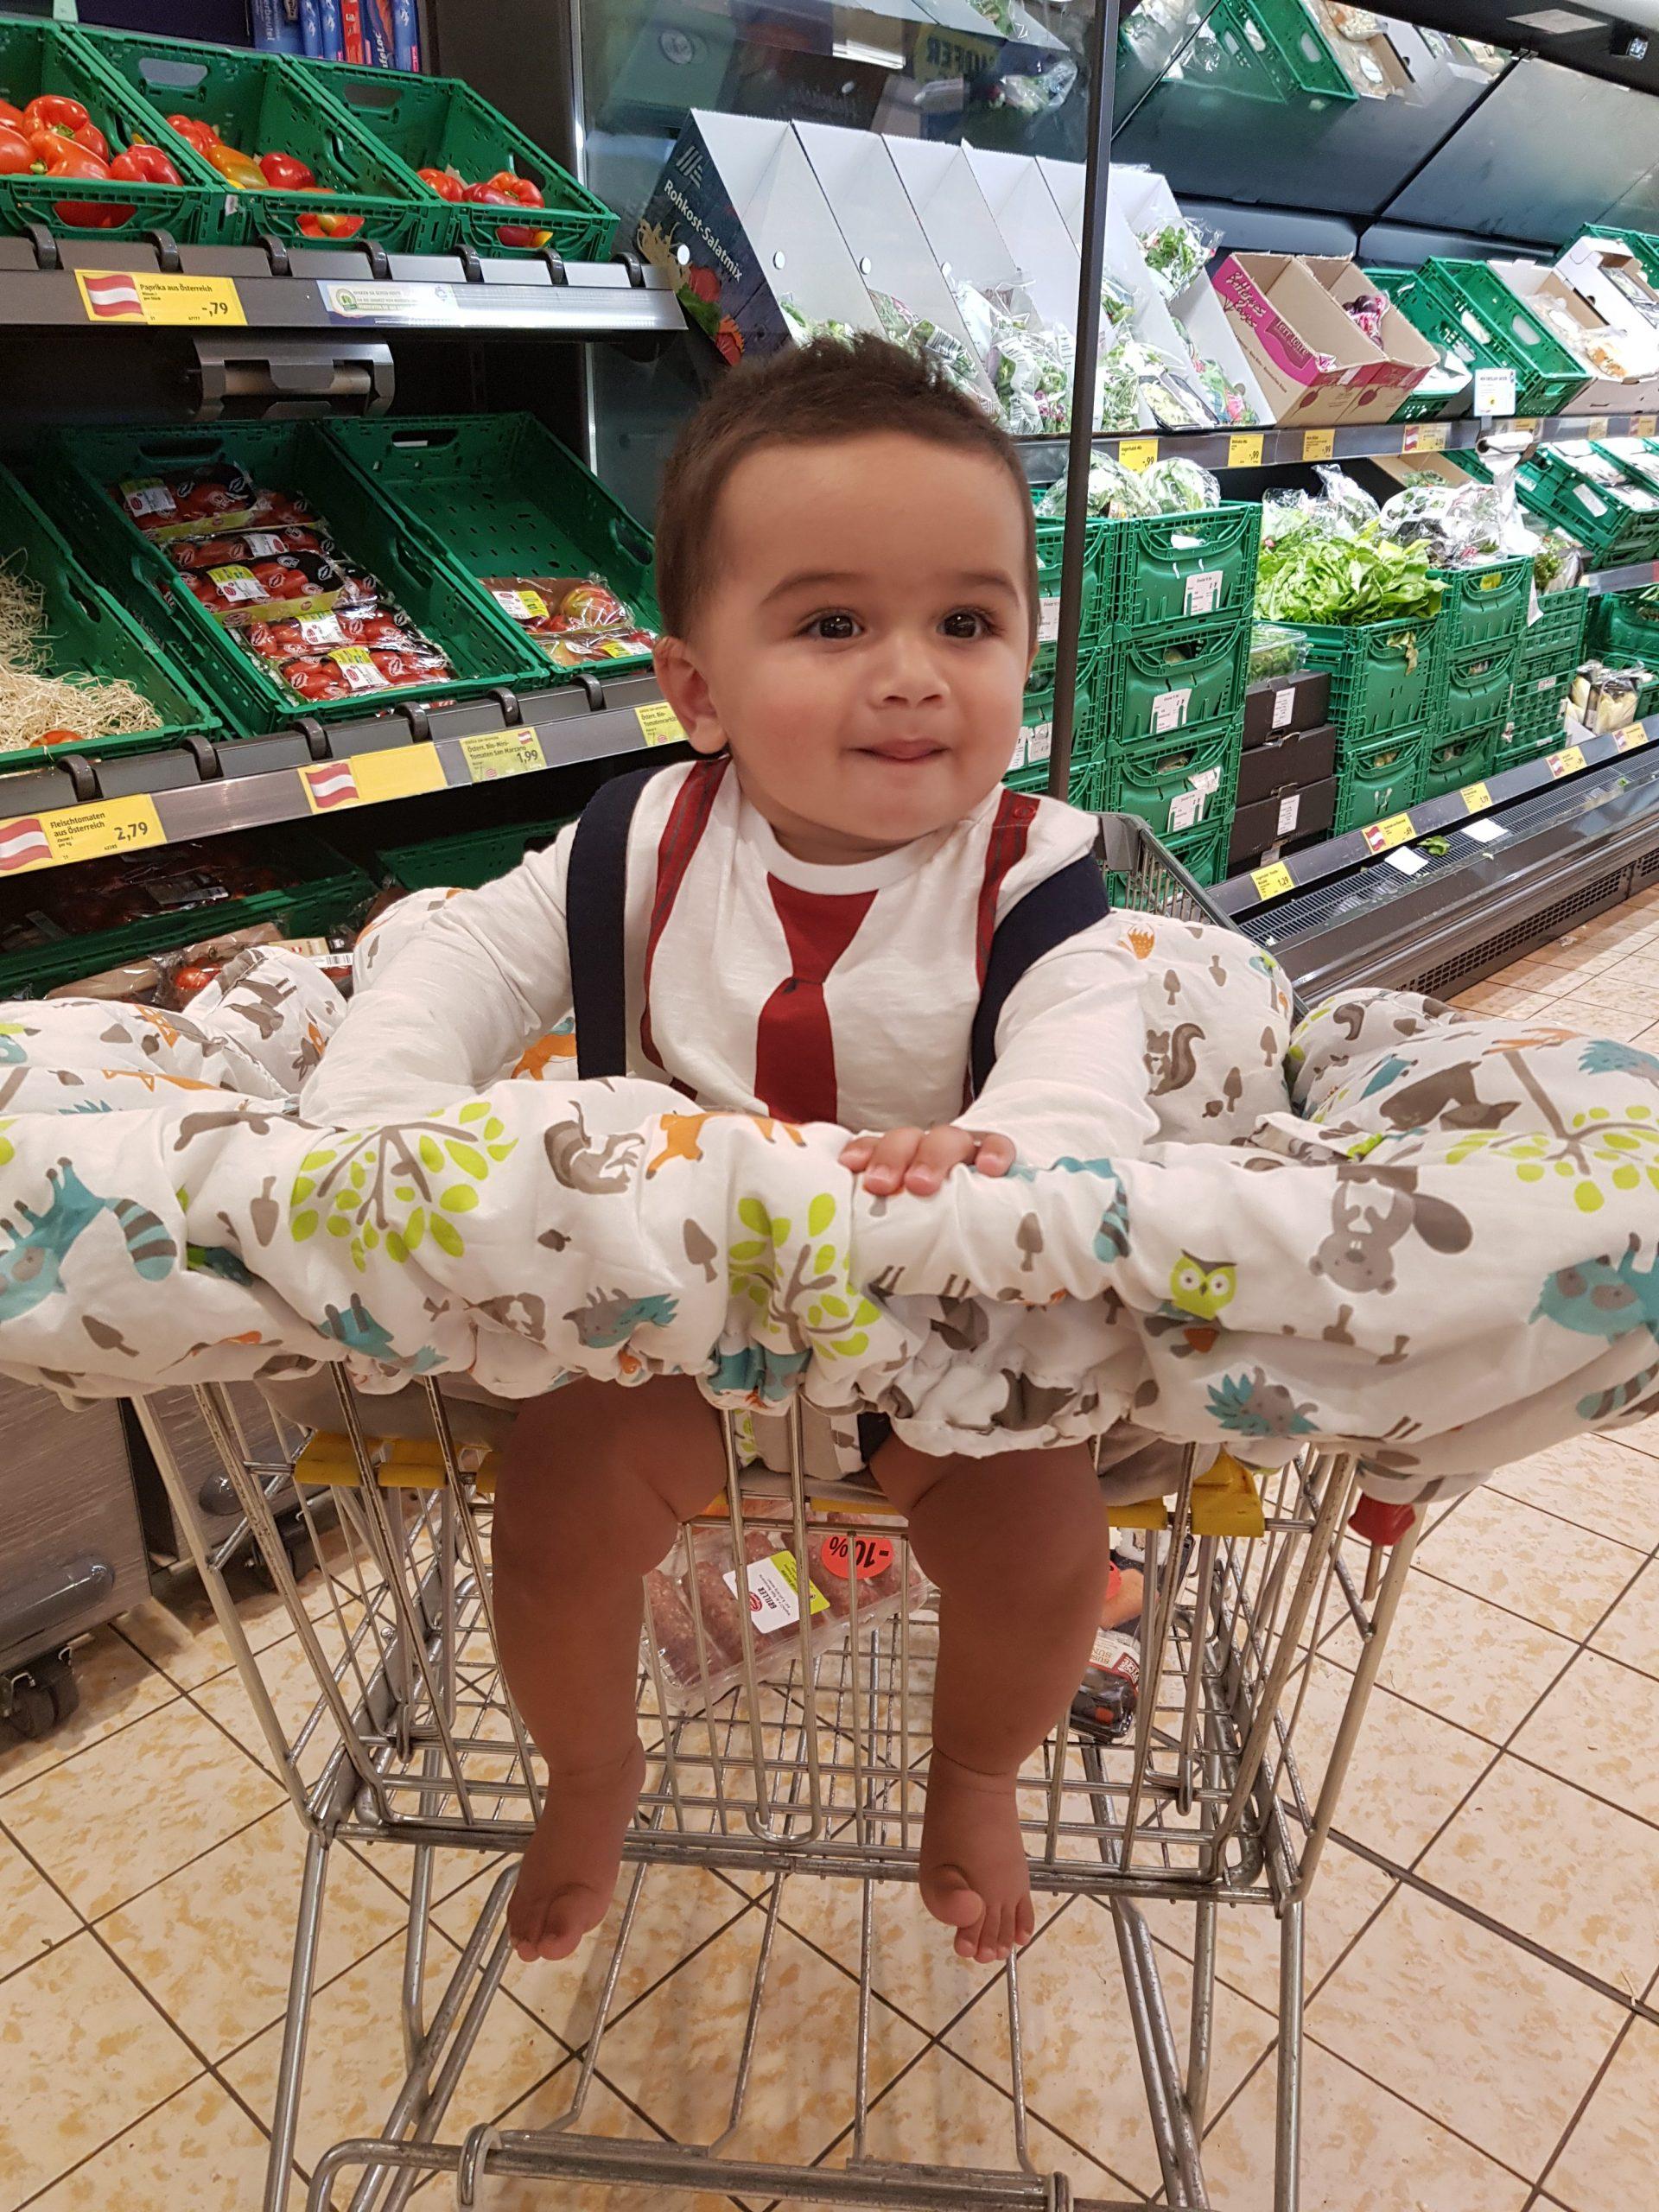 baby in supermarket in vienna